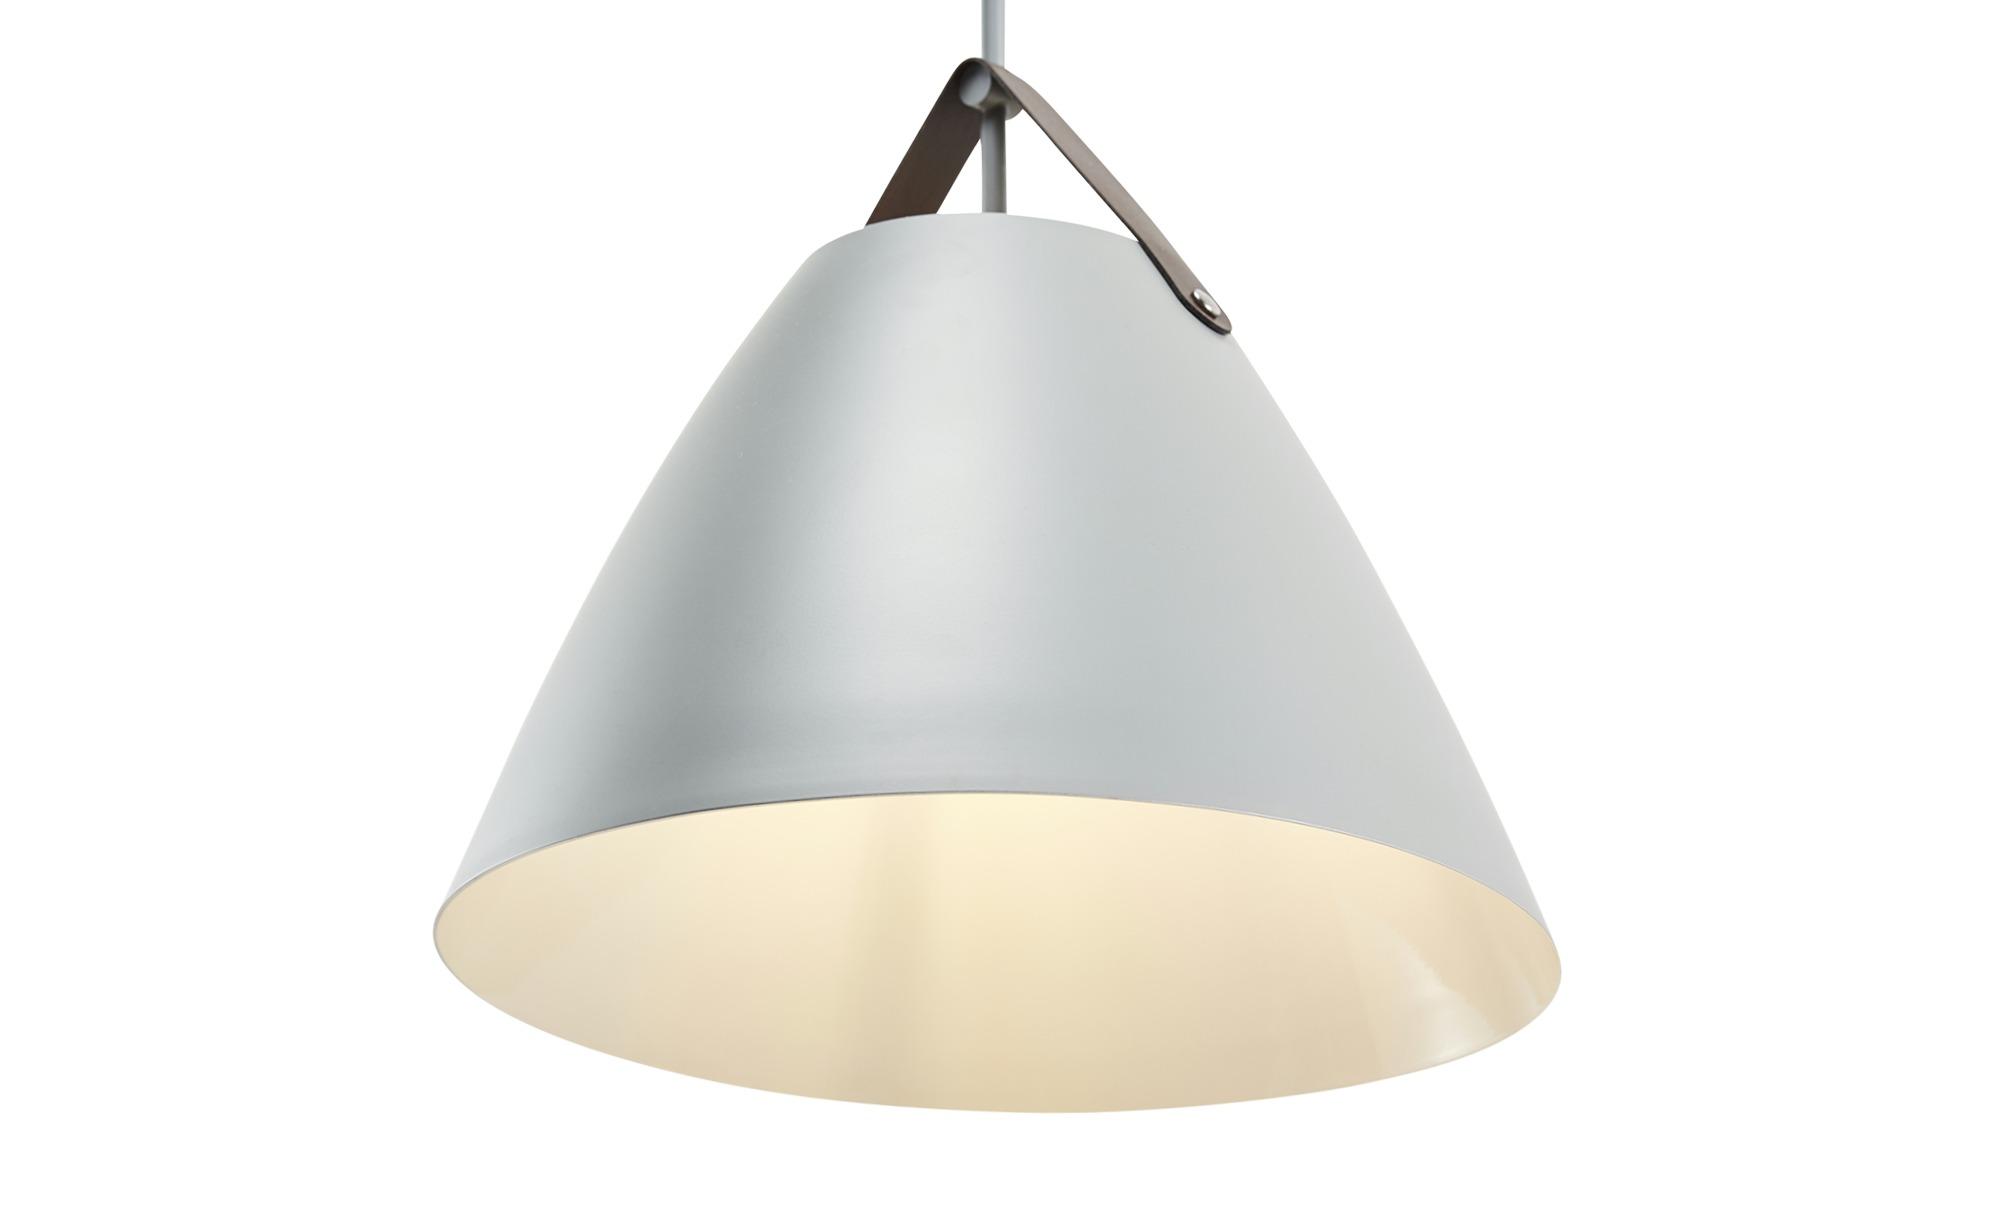 HOME STORY Pendelleuchte, 1-flammig, grau ¦ grau ¦ Maße (cm): B: 36 H: 150 Lampen & Leuchten > Innenleuchten > Pendelleuchten - Höffner